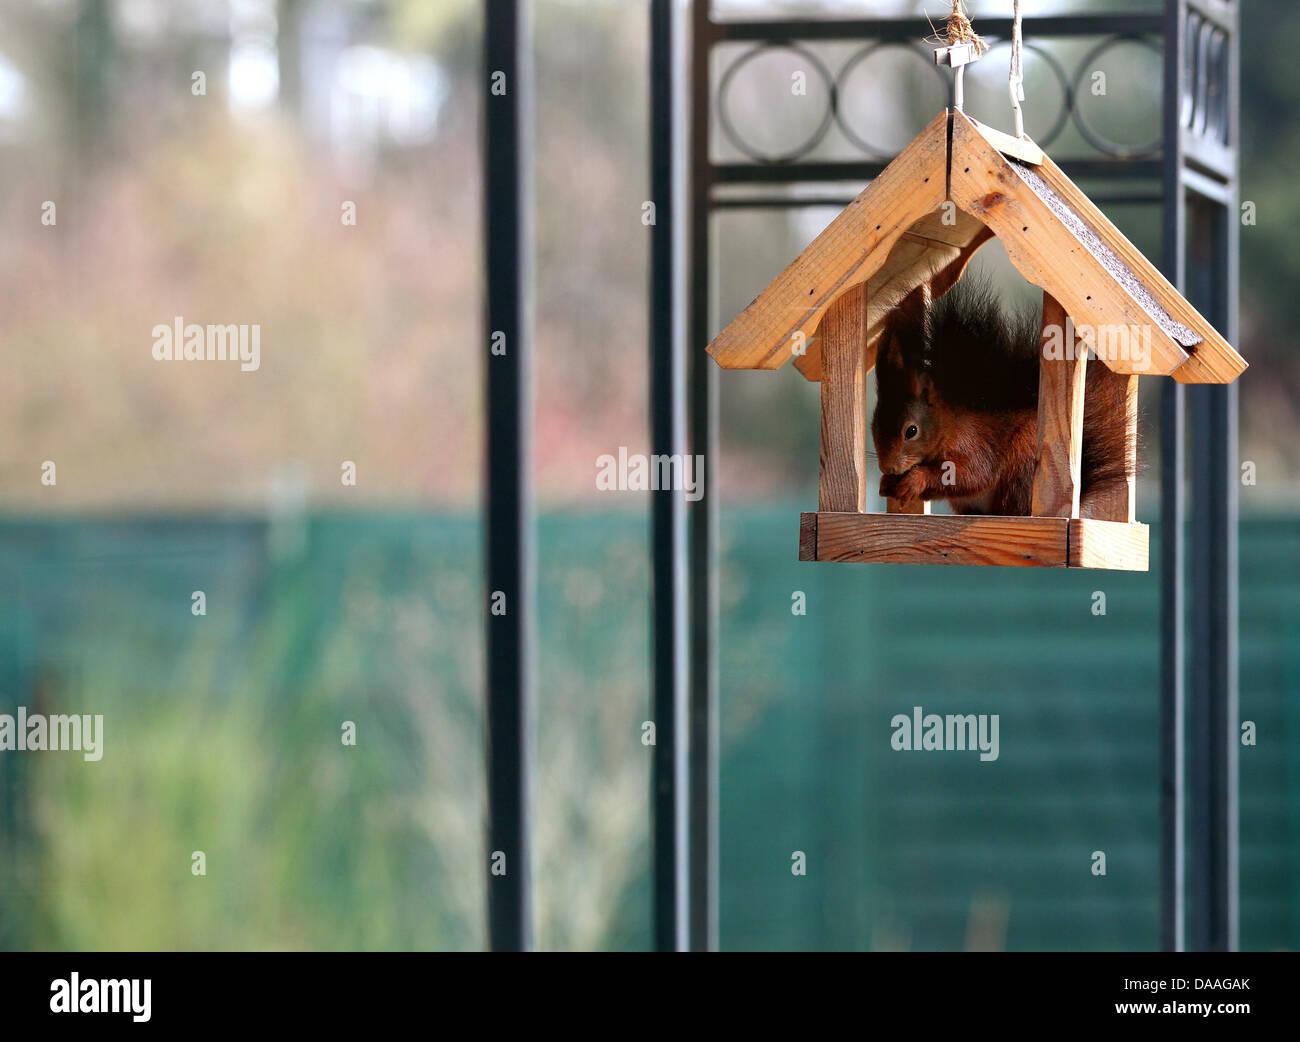 Ein Eichhörnchen hat es sich in einem für seine Körpergröße viel zu kleinem Vogelhäuschen - Stock Image